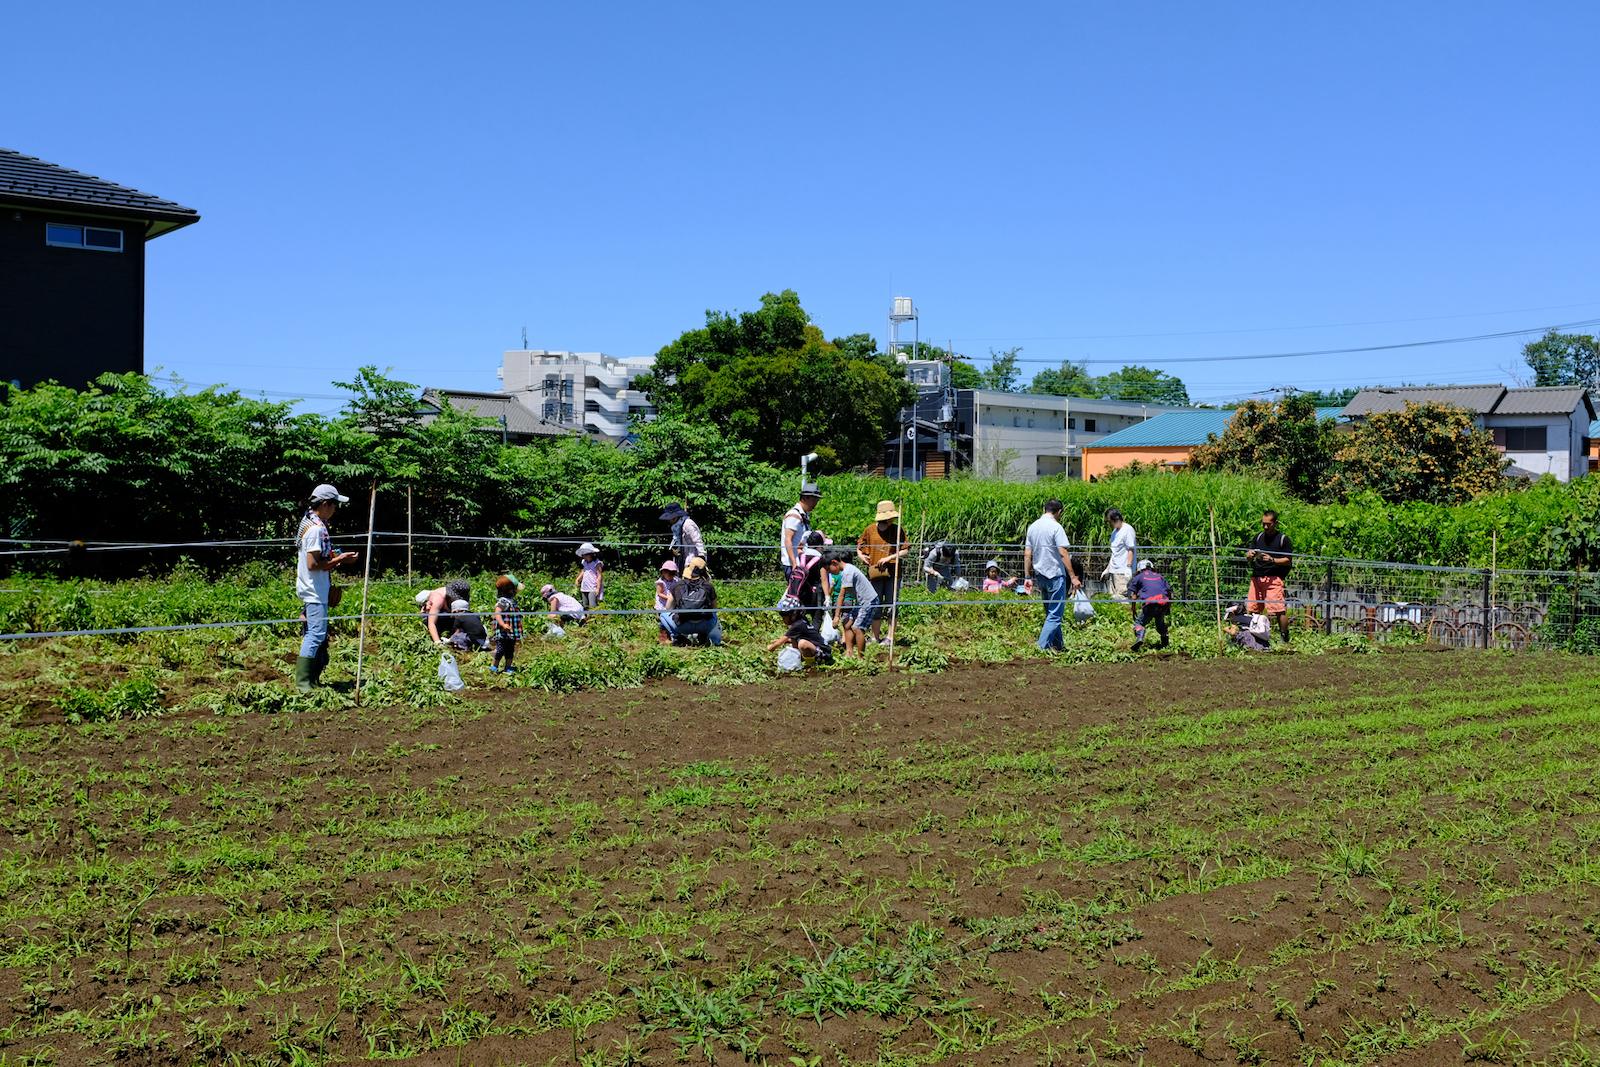 土とふれあえる畑の周辺は民家が立ち並ぶ